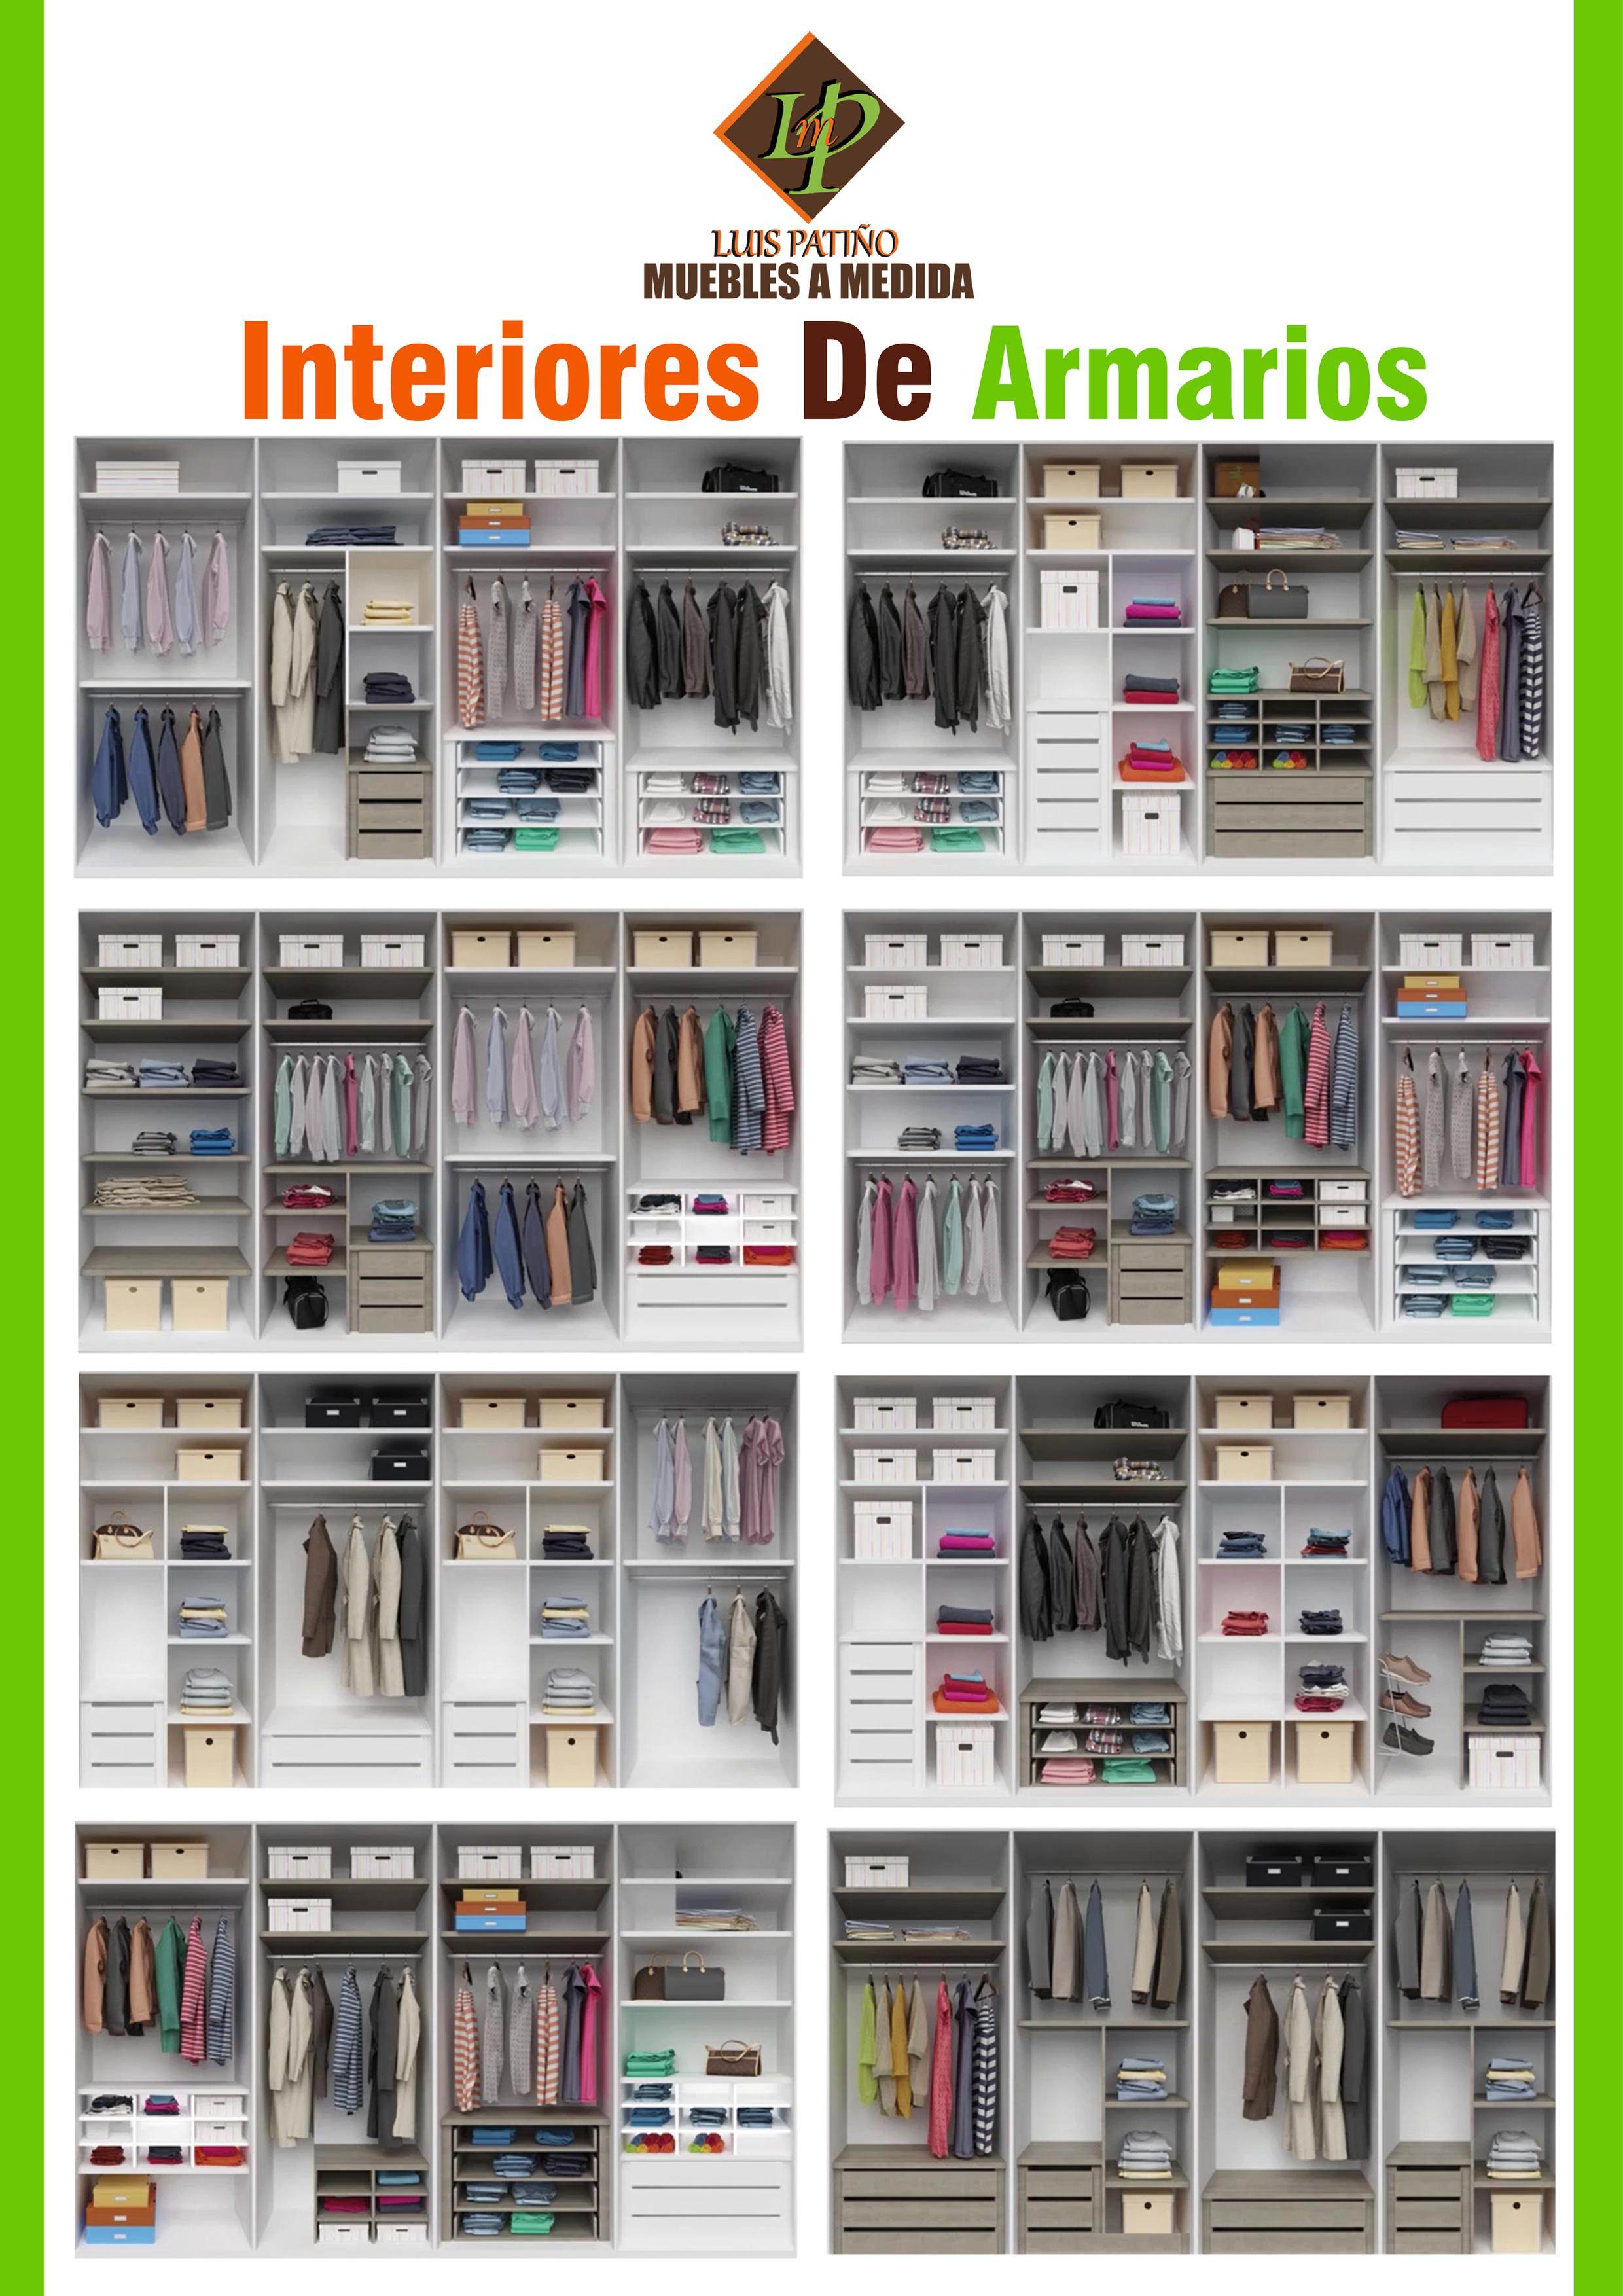 interiores de armarios luis patio - Interiores De Armarios